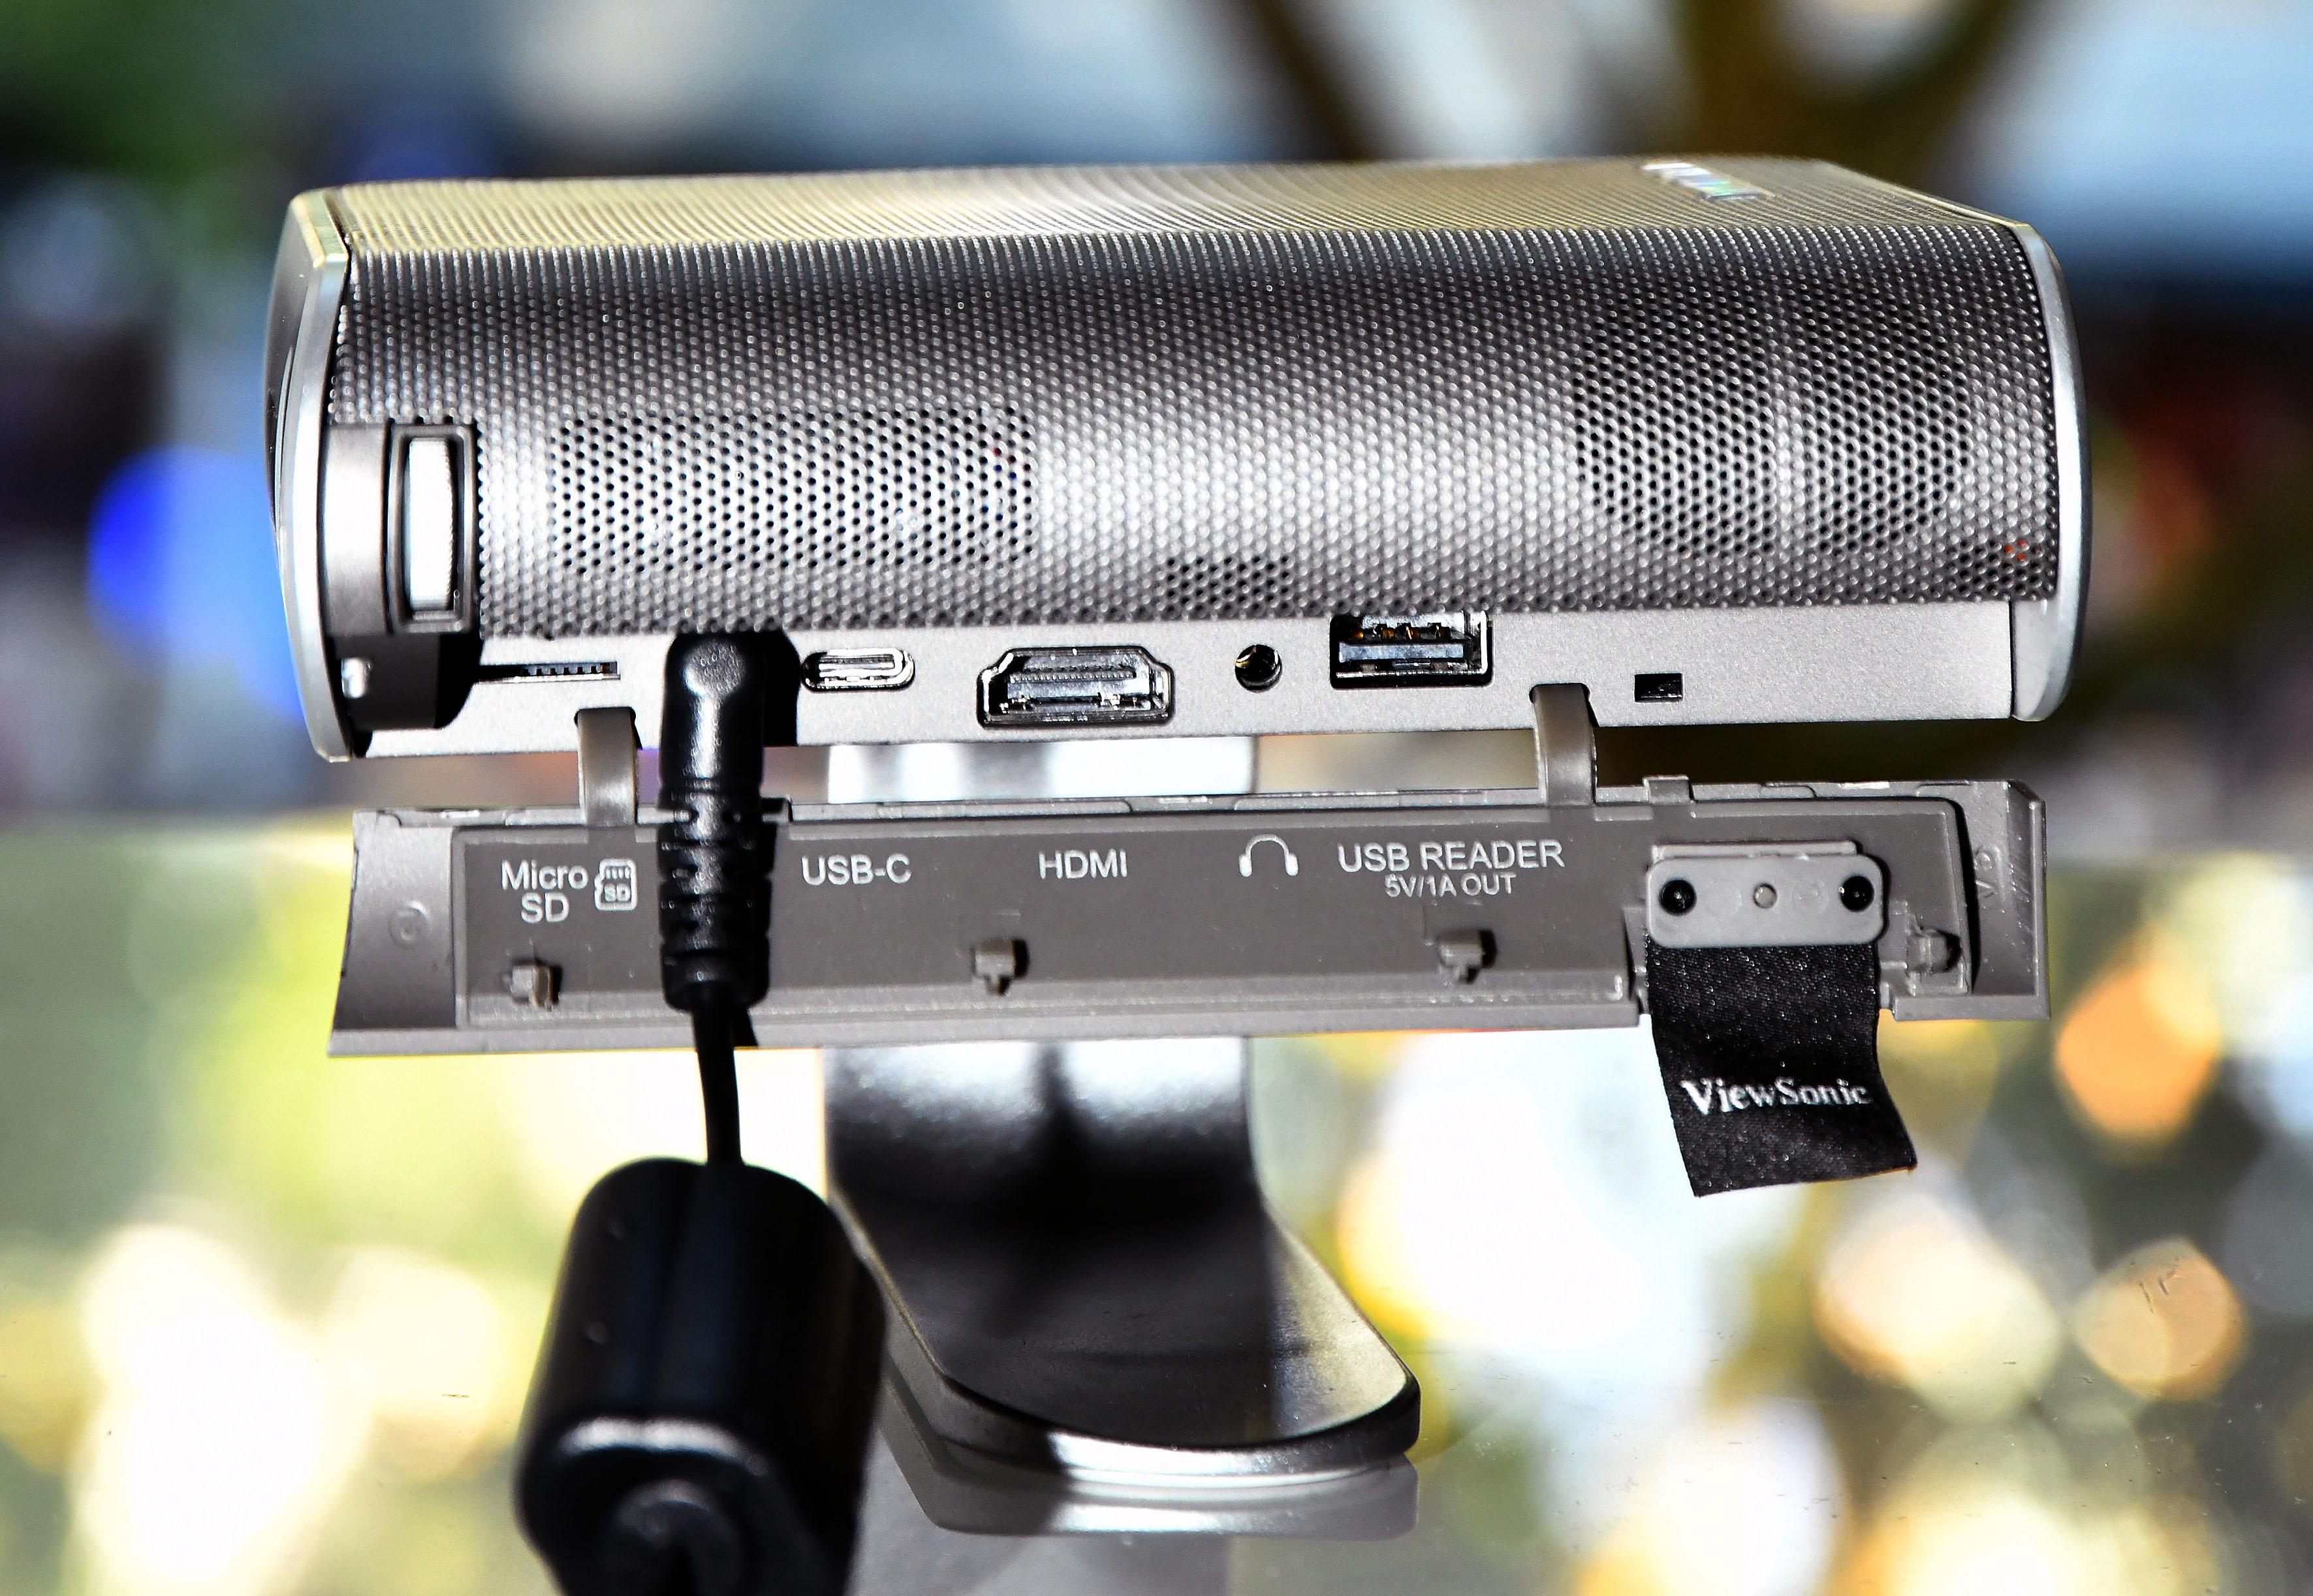 Foto: Michael B. Rehders Alle Anschlussbuchsen befinden sich unter einer seitlichen Klappe. Eine kleine Lasche aus Stoff dient als Öffner. Ein beherzter Zug daran und die Klappe springt auf. Netz- und Ladekabel gehören zum Lieferumfang. Nun können Blu-ray-Player, USB-Stick, SD-Karte, Kopfhörer und das Notebook am M1 genutzt werden.